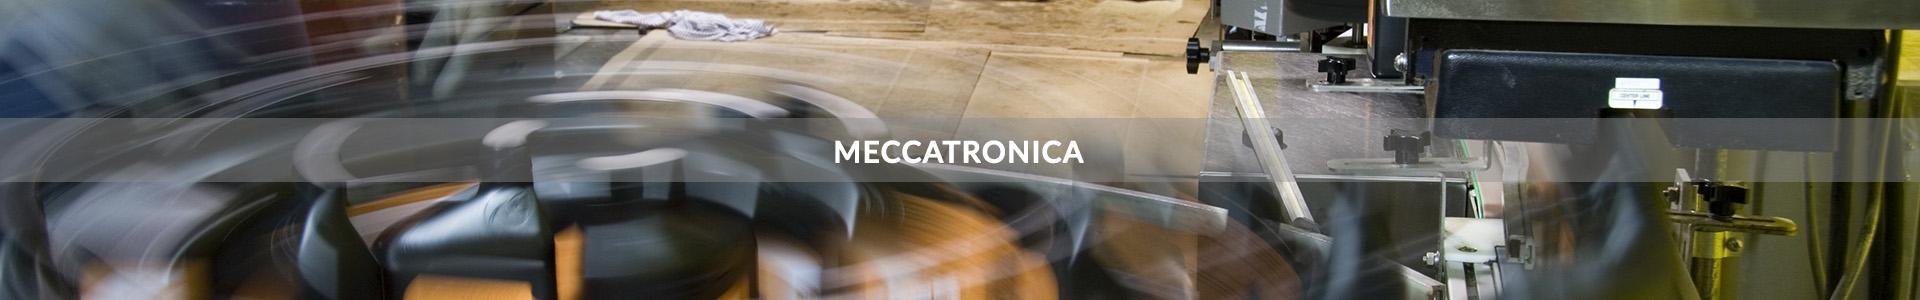 Meccatronica - Technology BSA